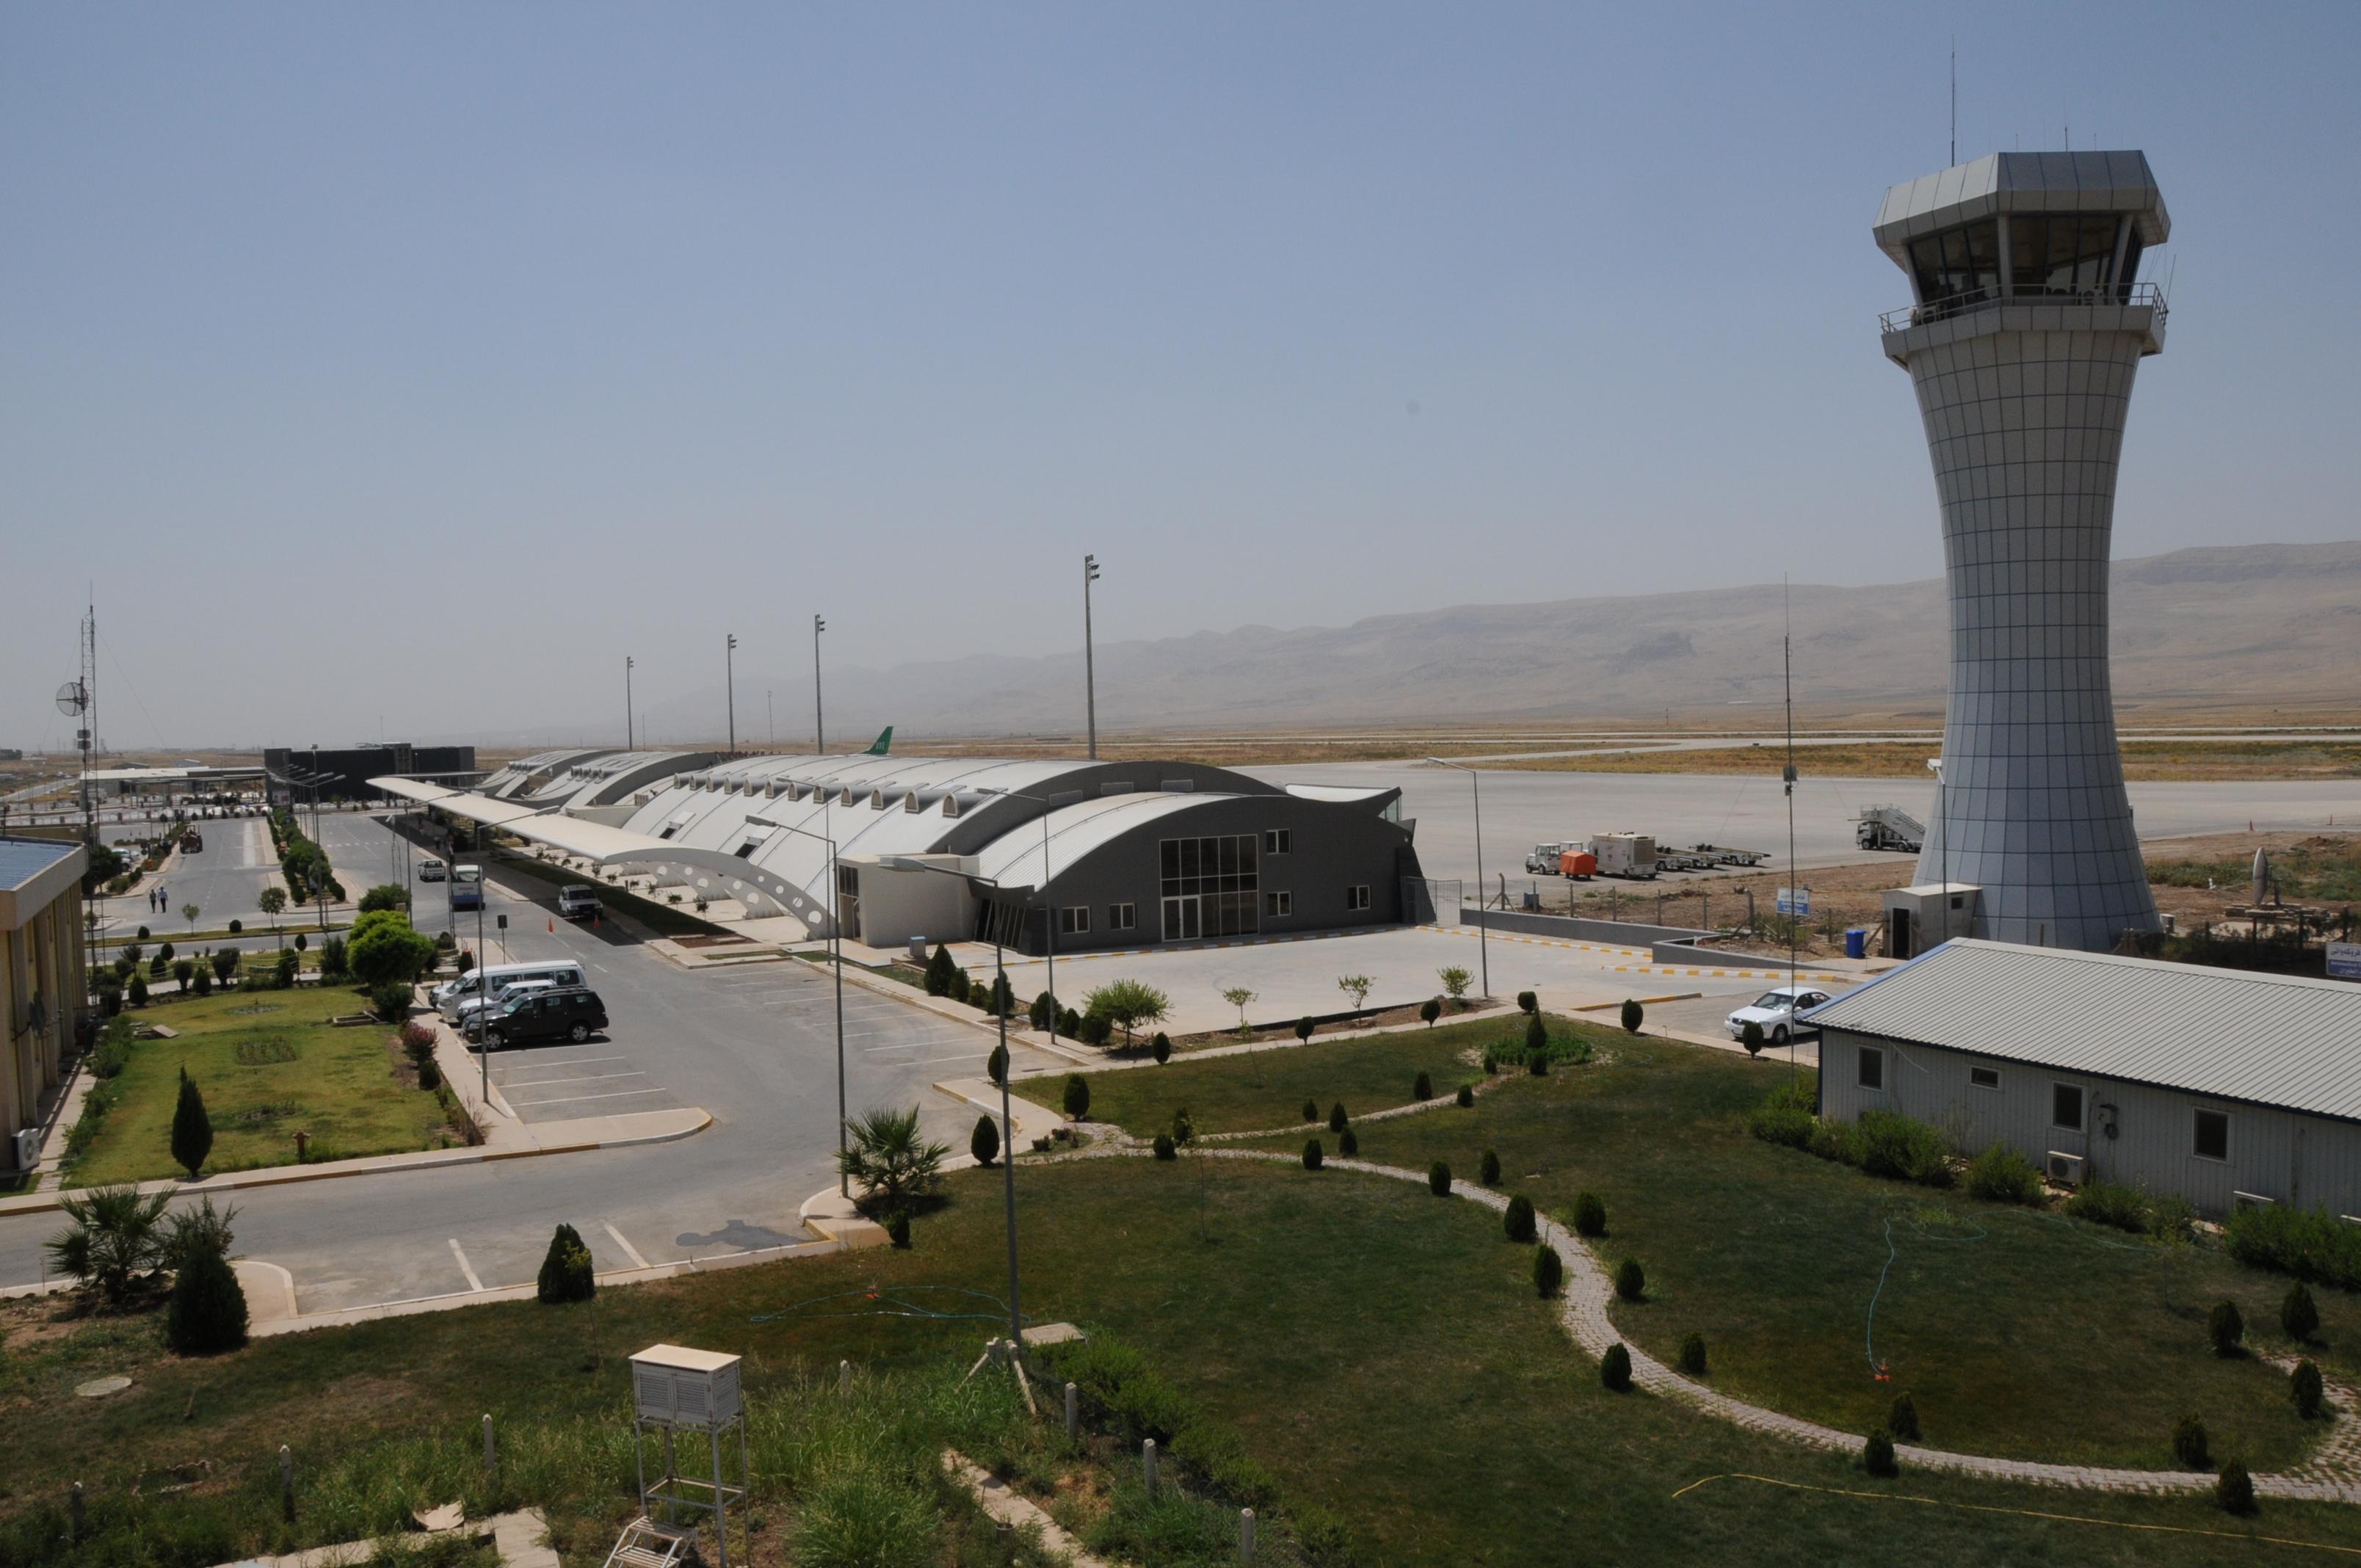 مطار السليمانية يشكو تراجع اعداد المسافرين